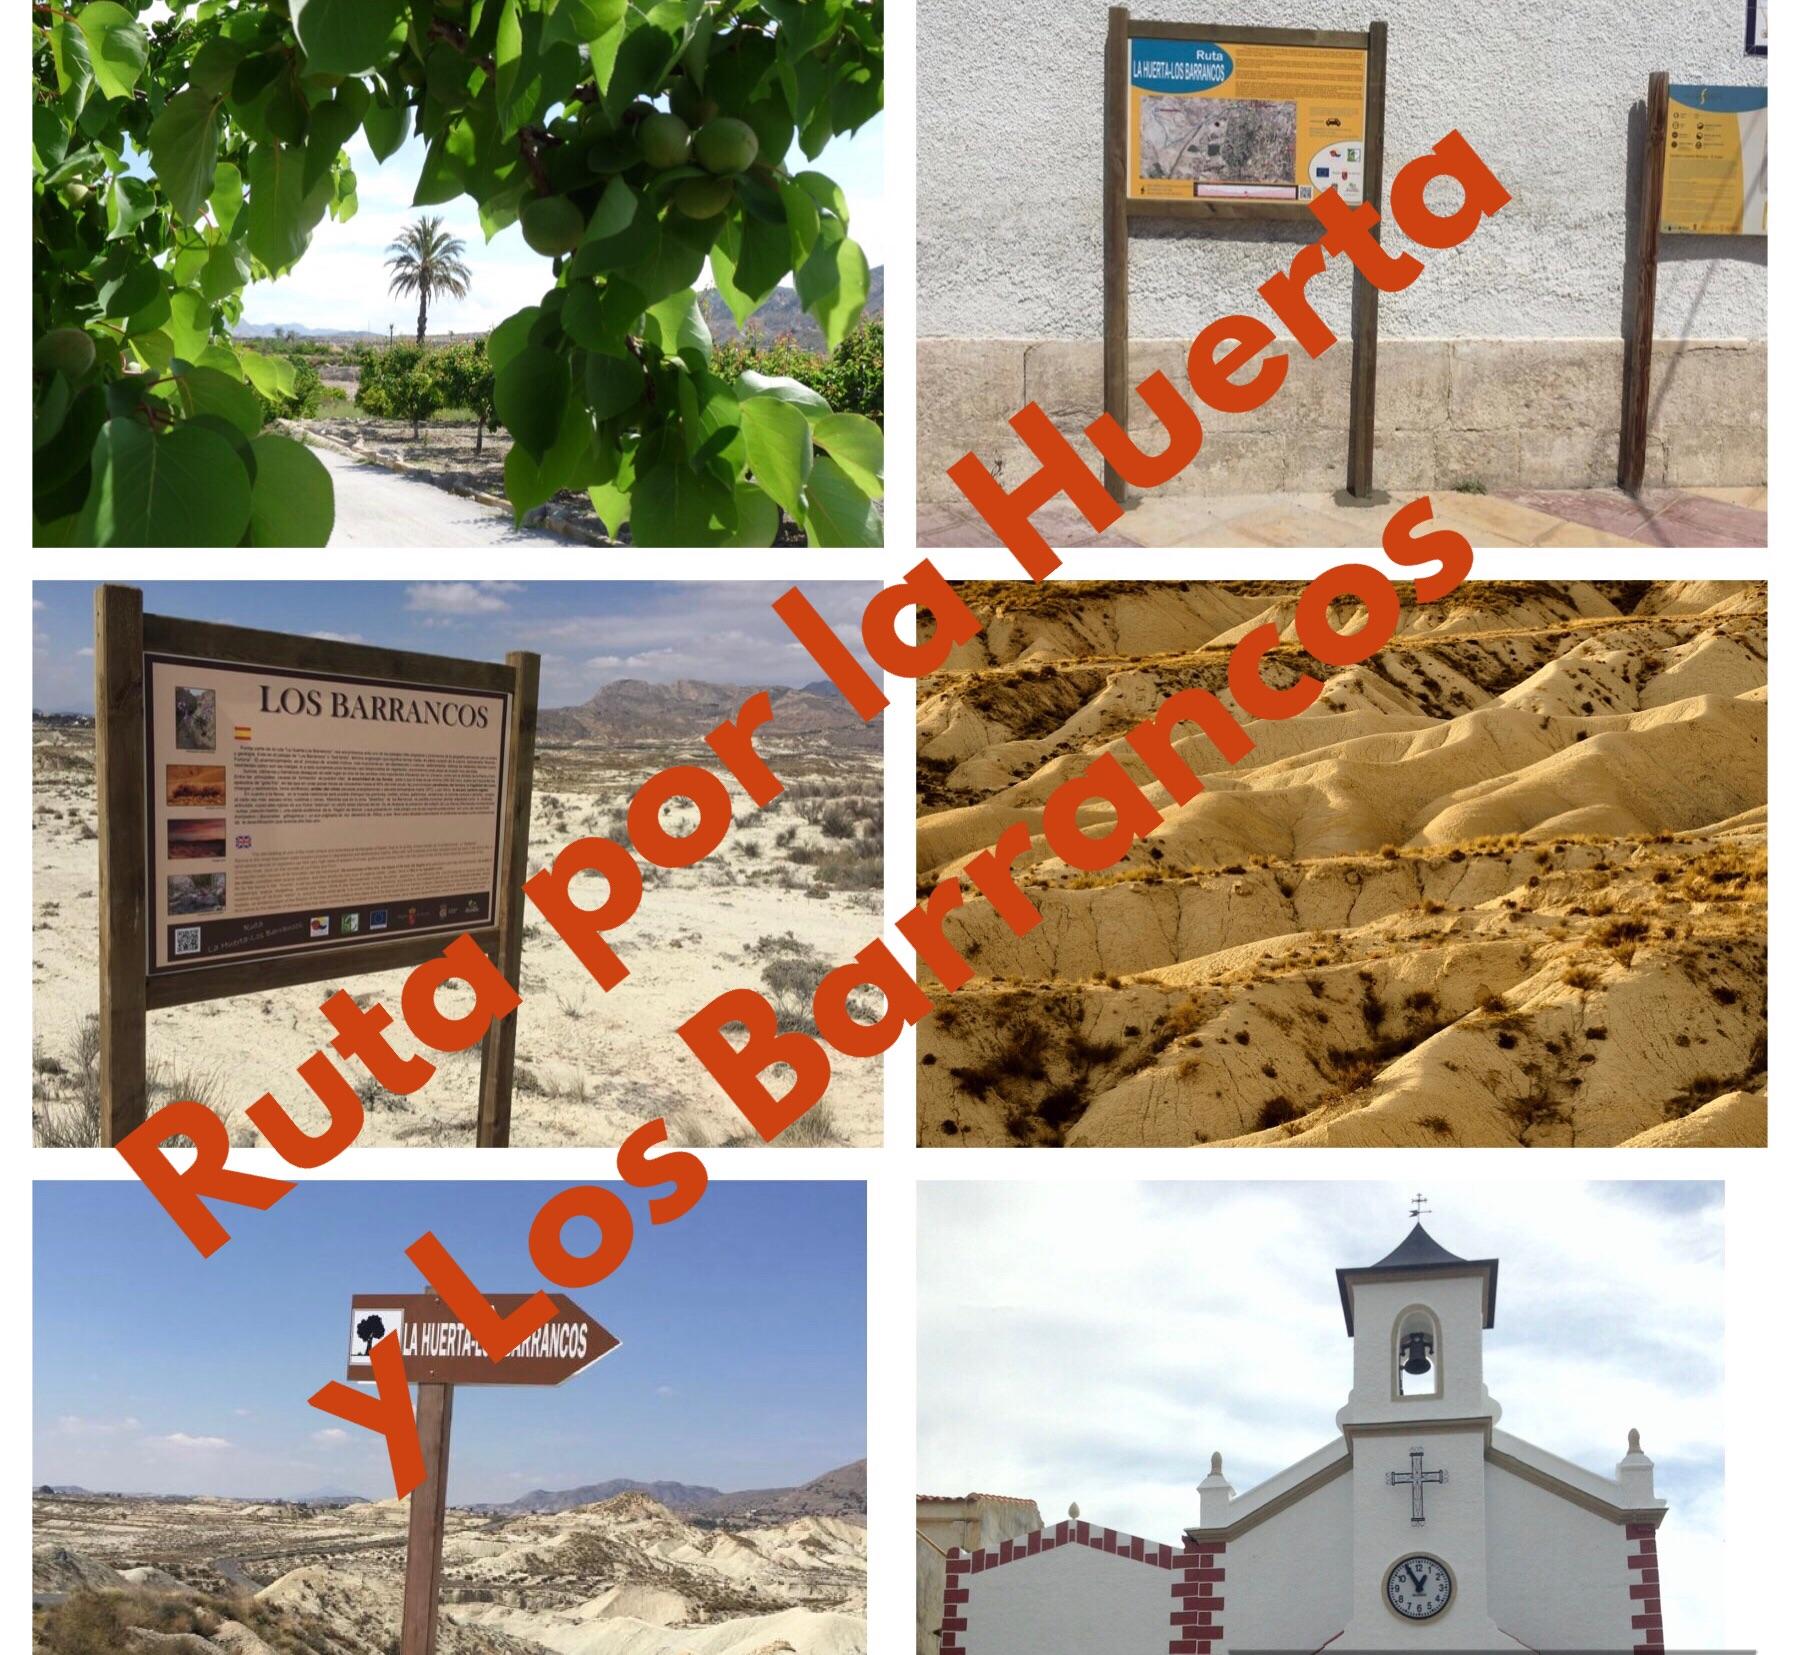 La rica huerta de Abanilla y su desierto, con la Concejalía de Medio Ambiente y la Oficina de Turismo de Abanilla